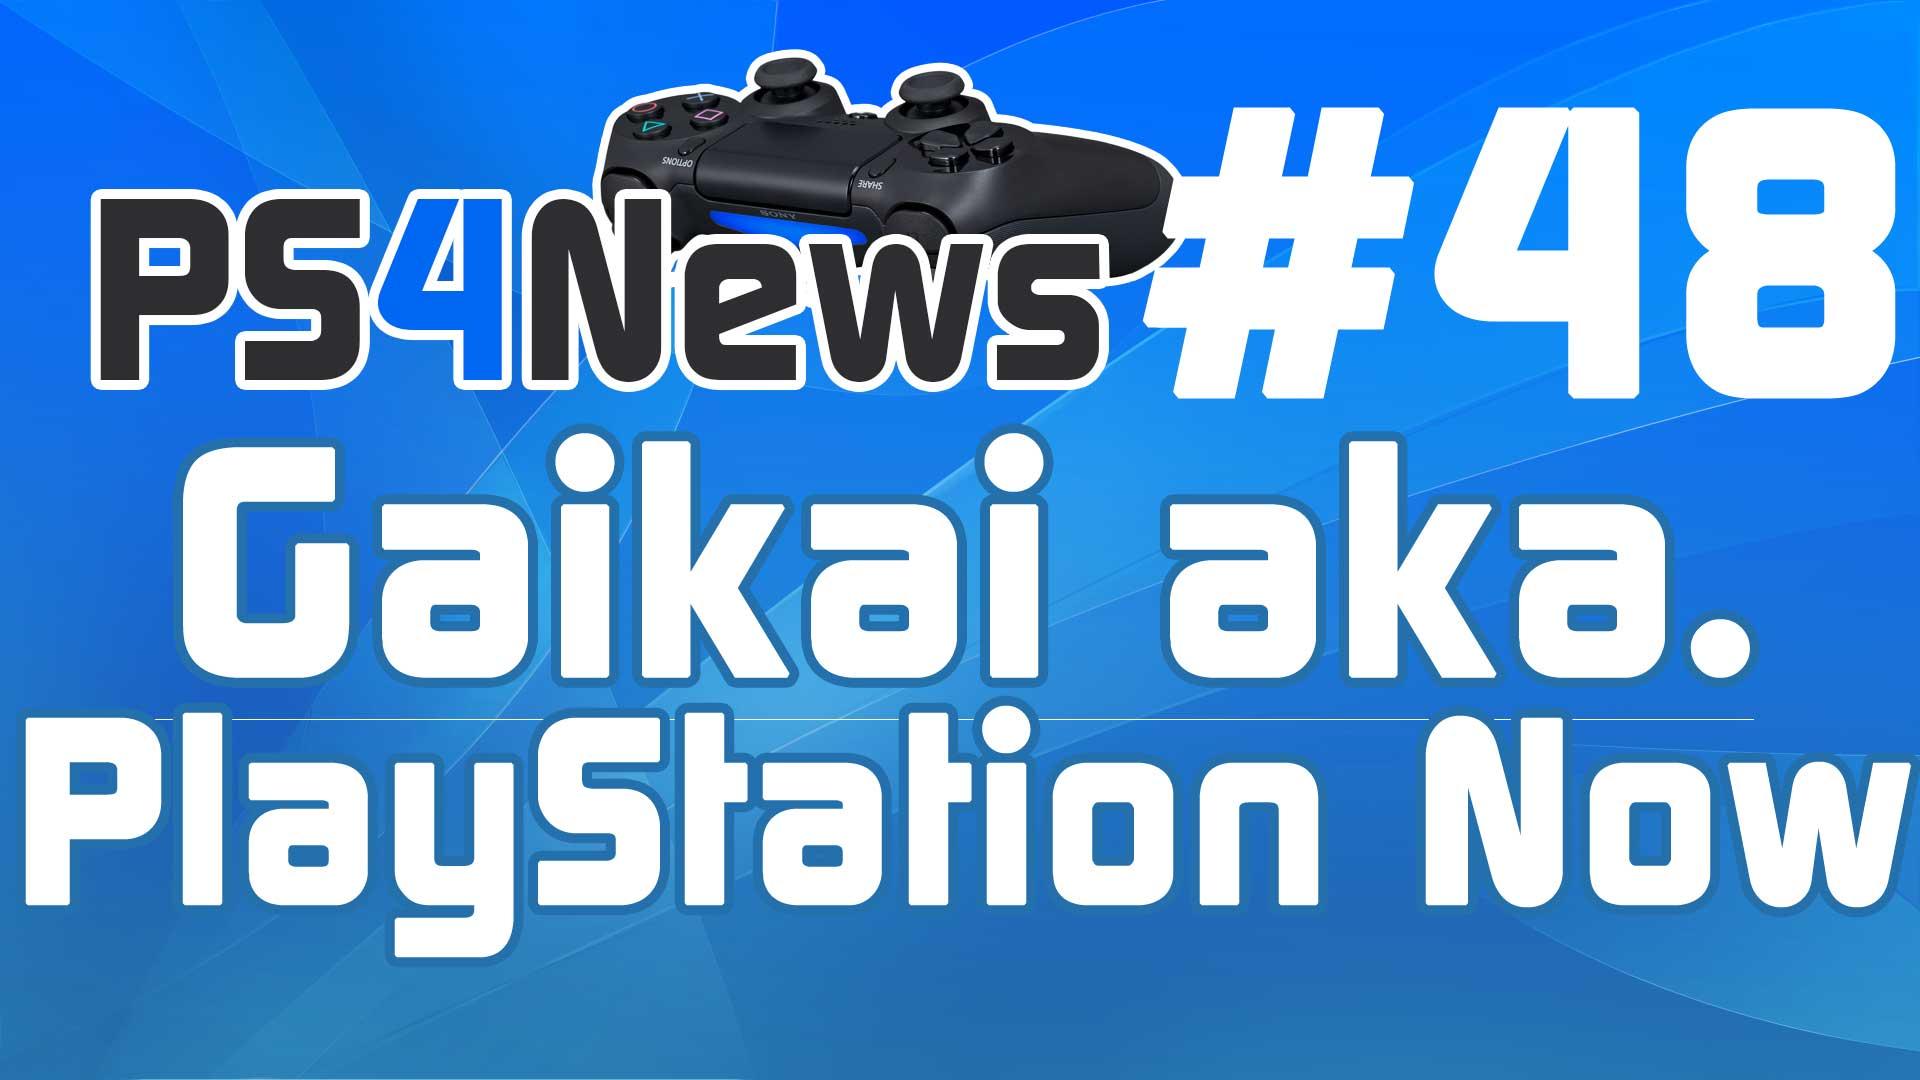 Alle Infos zu PlayStation Now plus alle News zu Alien Isolation und Evolve